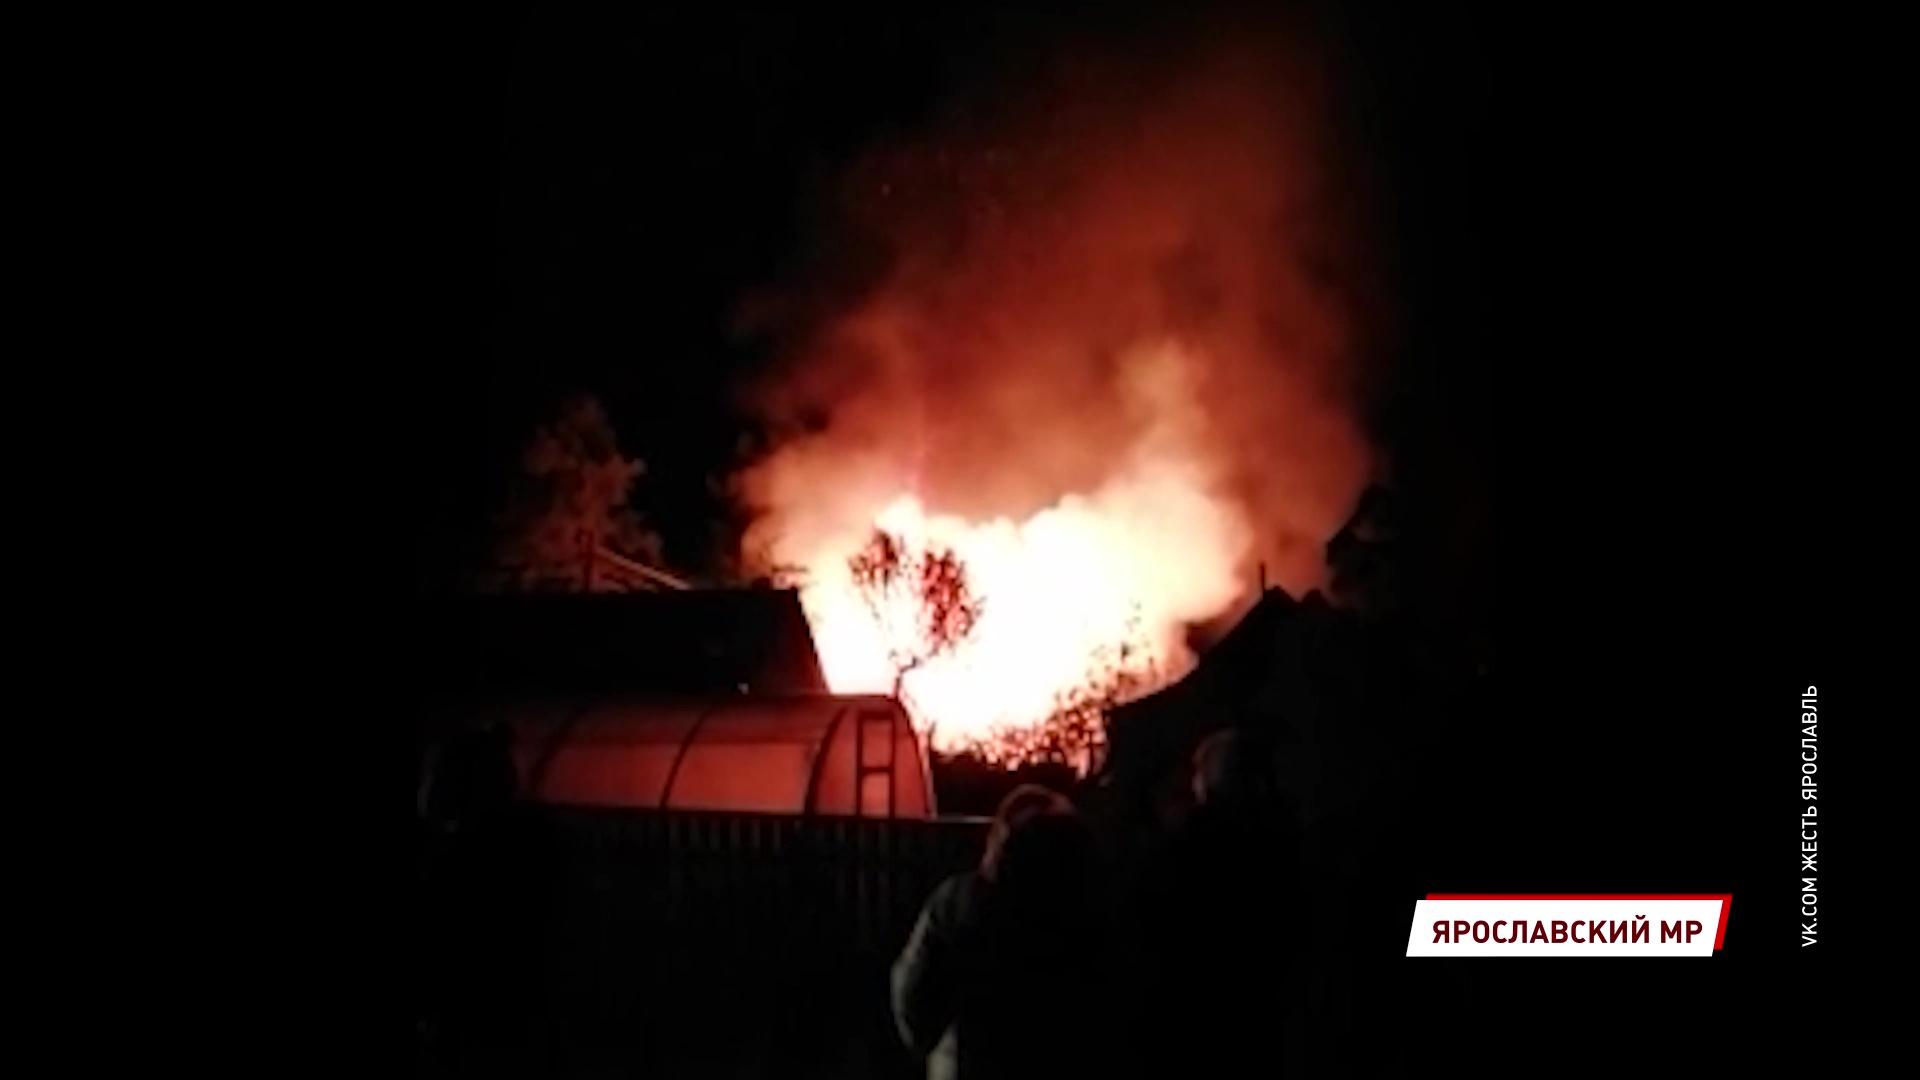 Едва успели вынести газовые баллоны: крупный пожар в Ярославском районе чуть не закончился взрывом